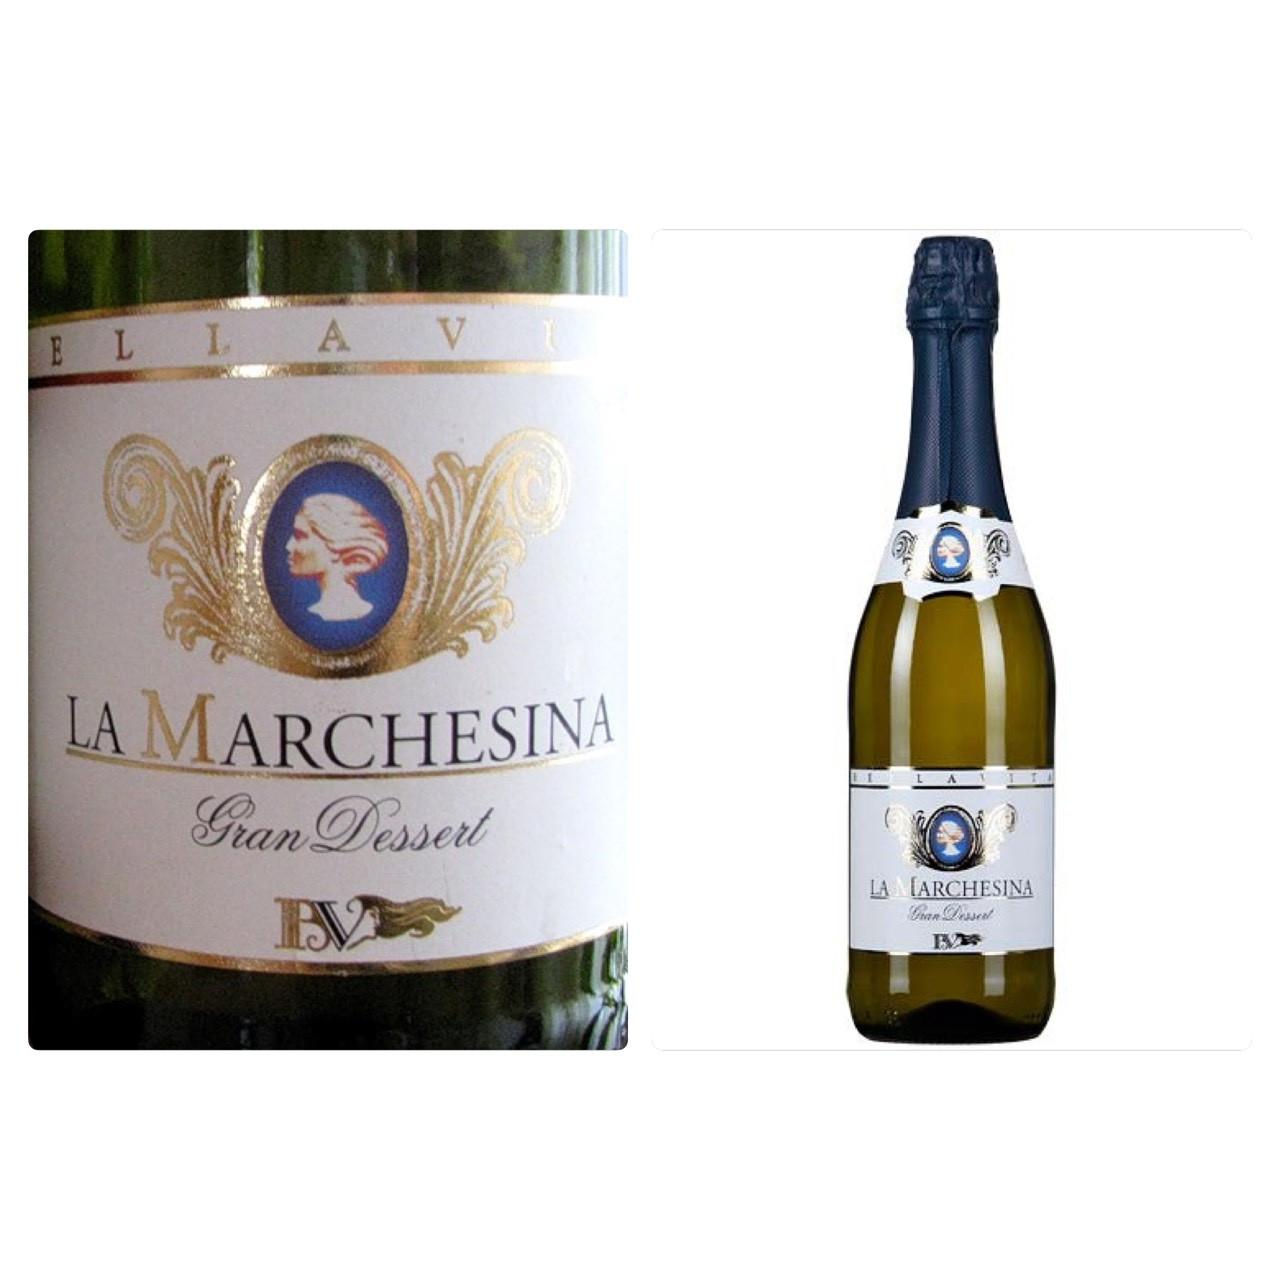 Шампанское La Marchesina Gran Dessert (Ля Маркезина Гран Десерт) 0,75 L. - Гурман Маркет в Одессе